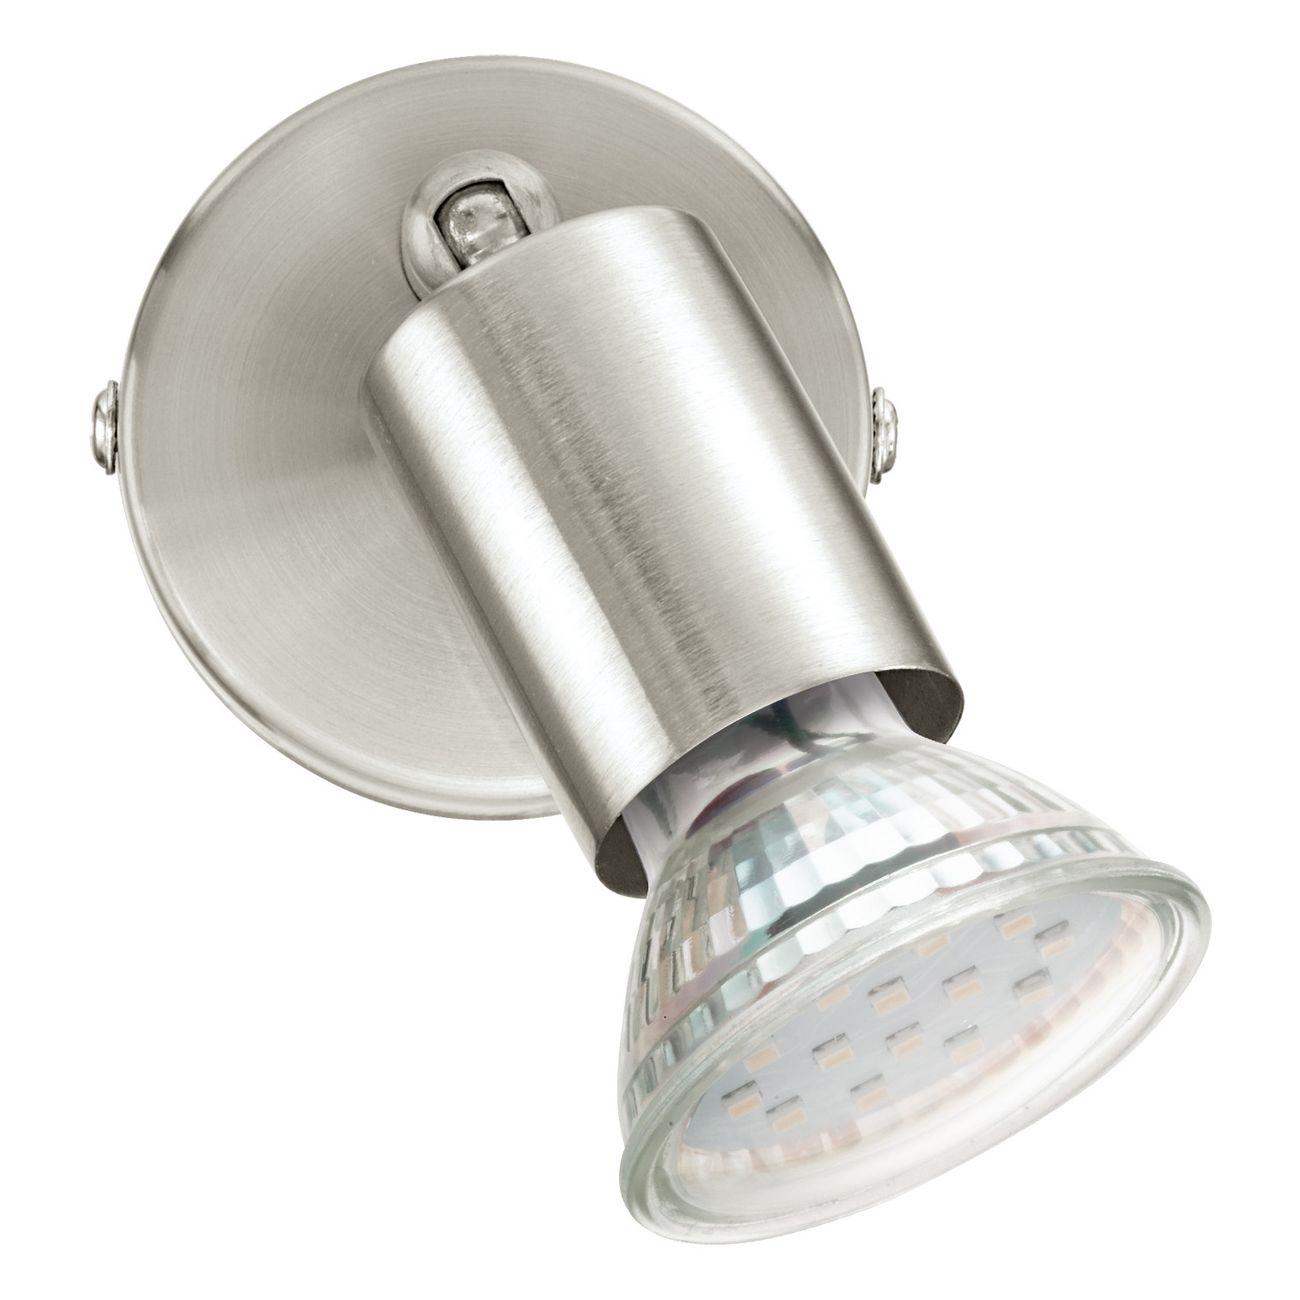 Eglo 92595 BUZZ-LED spot